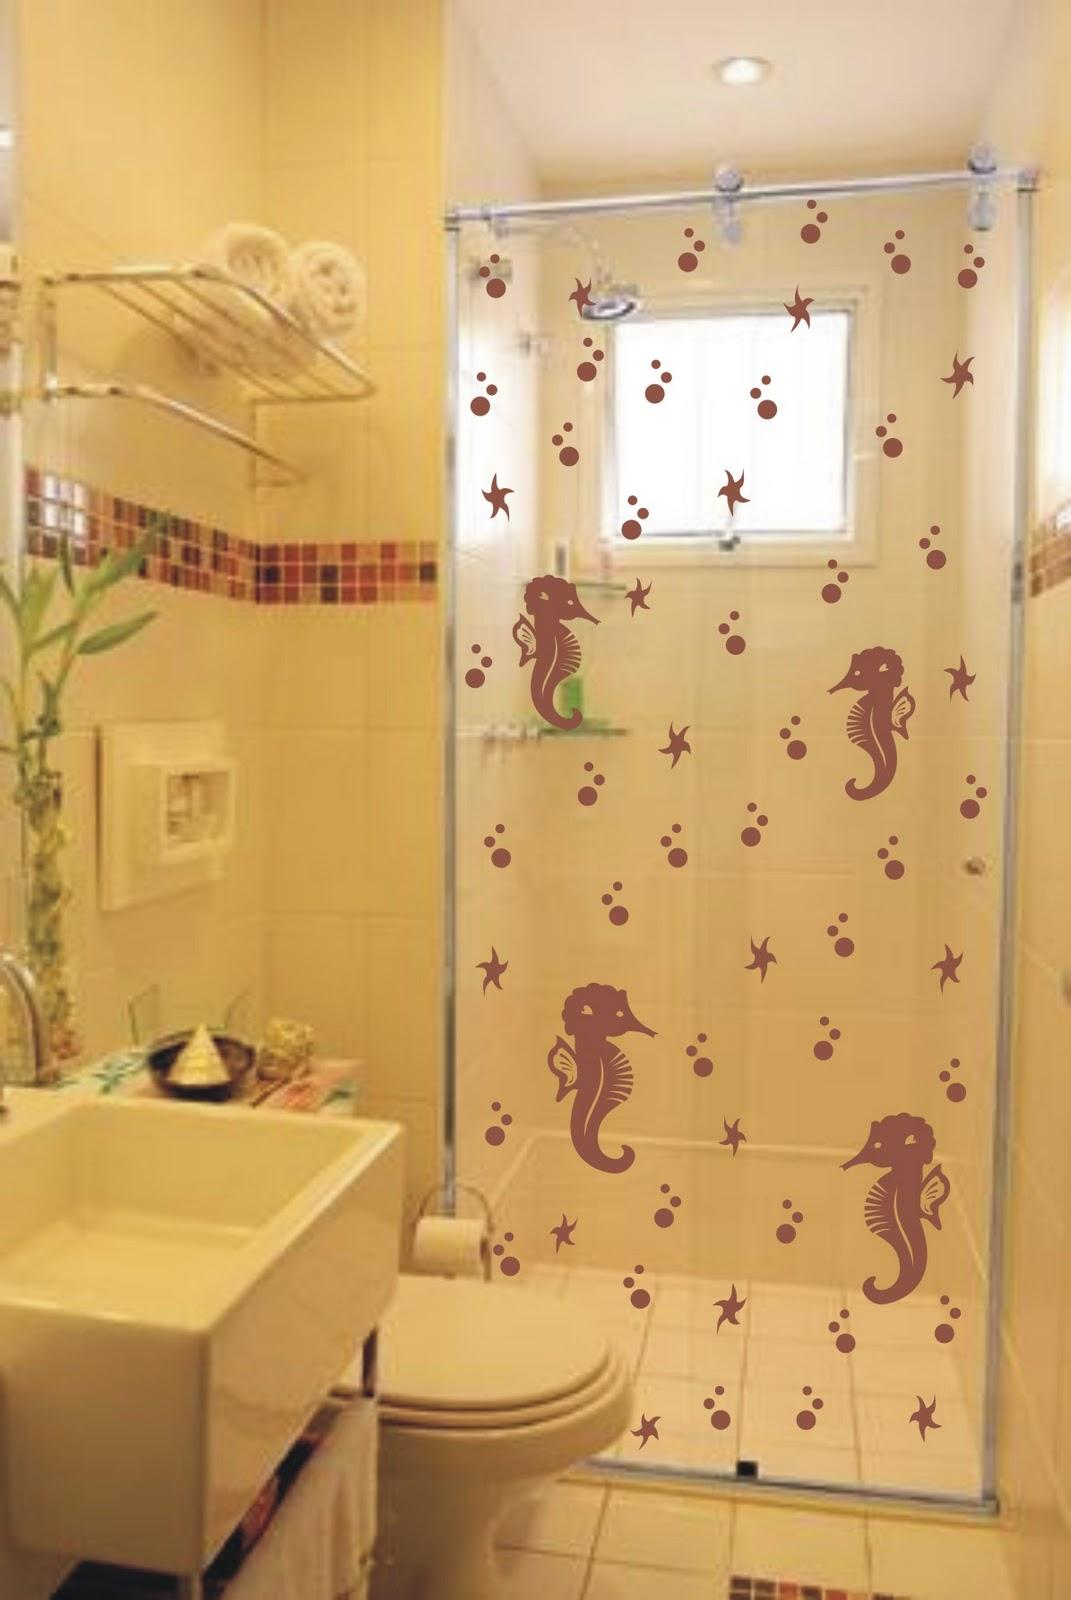 adesivo de banheiro para box cavalo marinhos adesivos de parede #A47D27 1071x1600 Adesivos Para Box De Vidro Banheiro